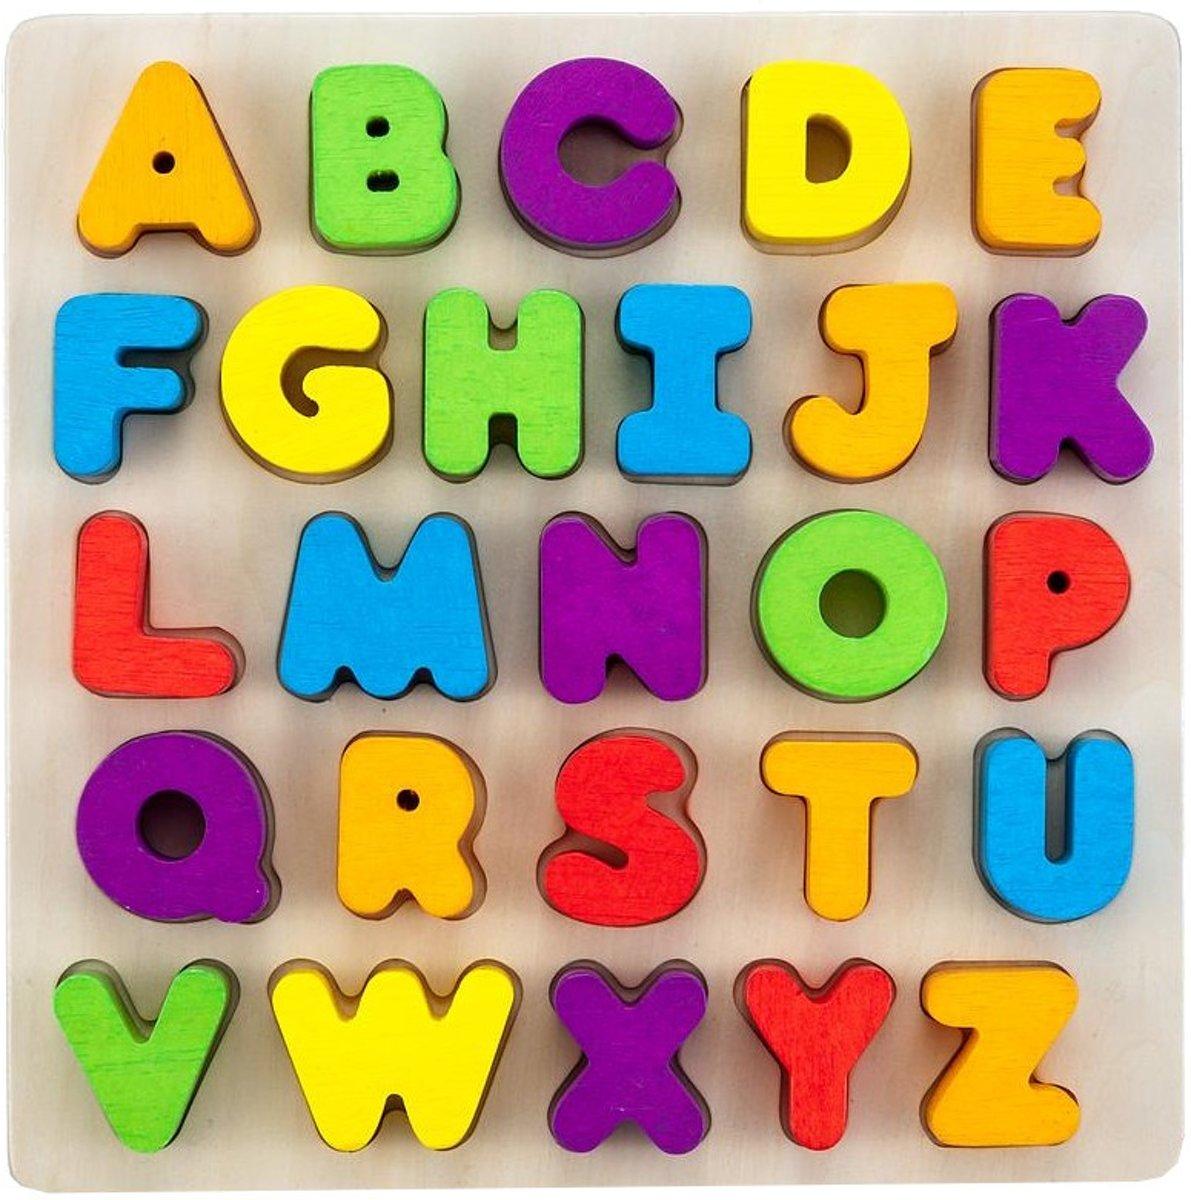 Alphabet puzzle 30 x 30 cm rubber wood